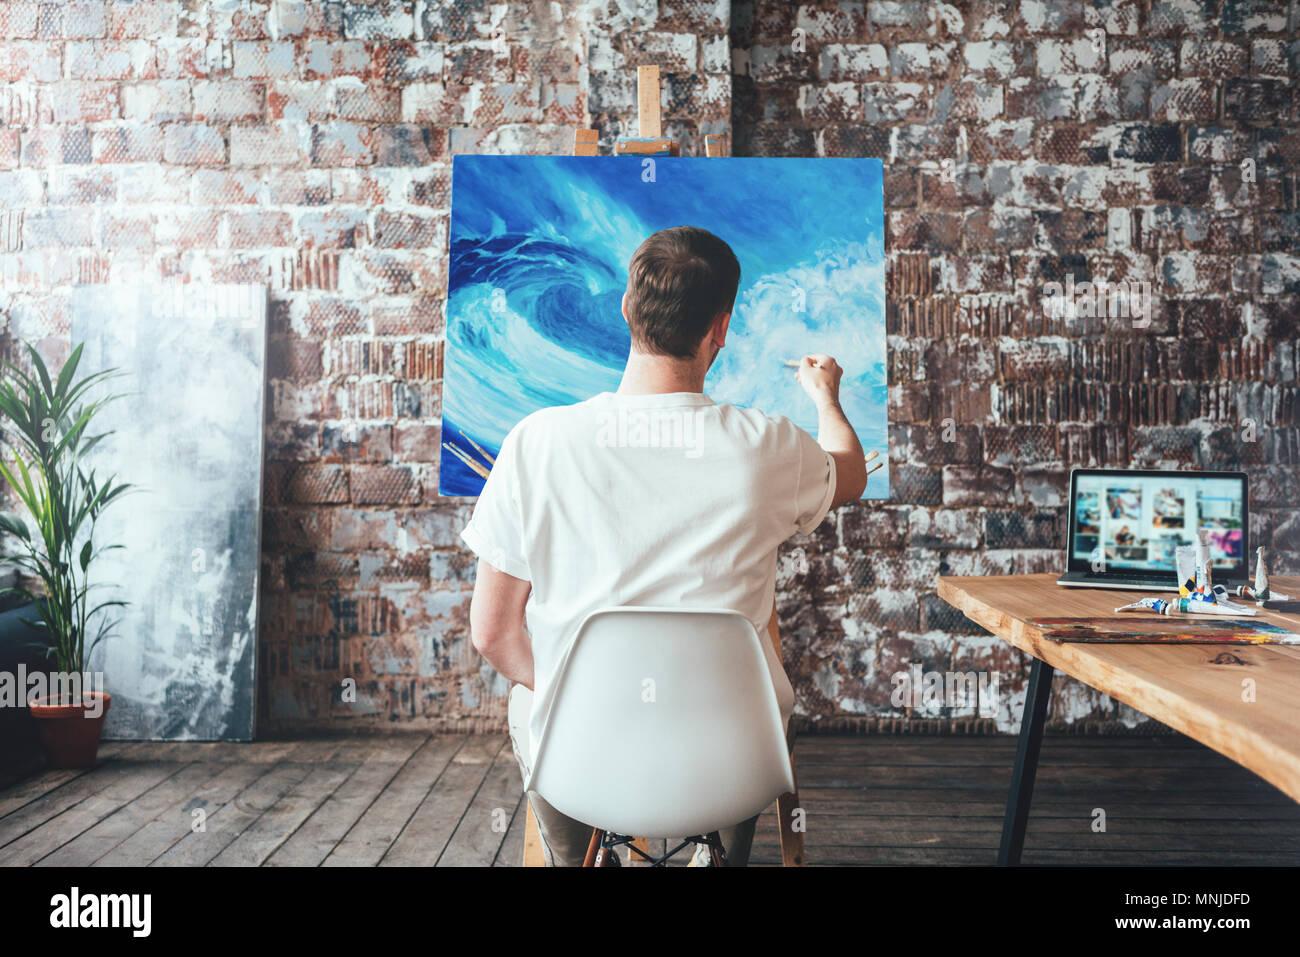 Mann artist sitzen auf Stuhl vor die Leinwand auf staffelei und Zeichnen. Maler Arbeiten in der Werkstatt Stockbild